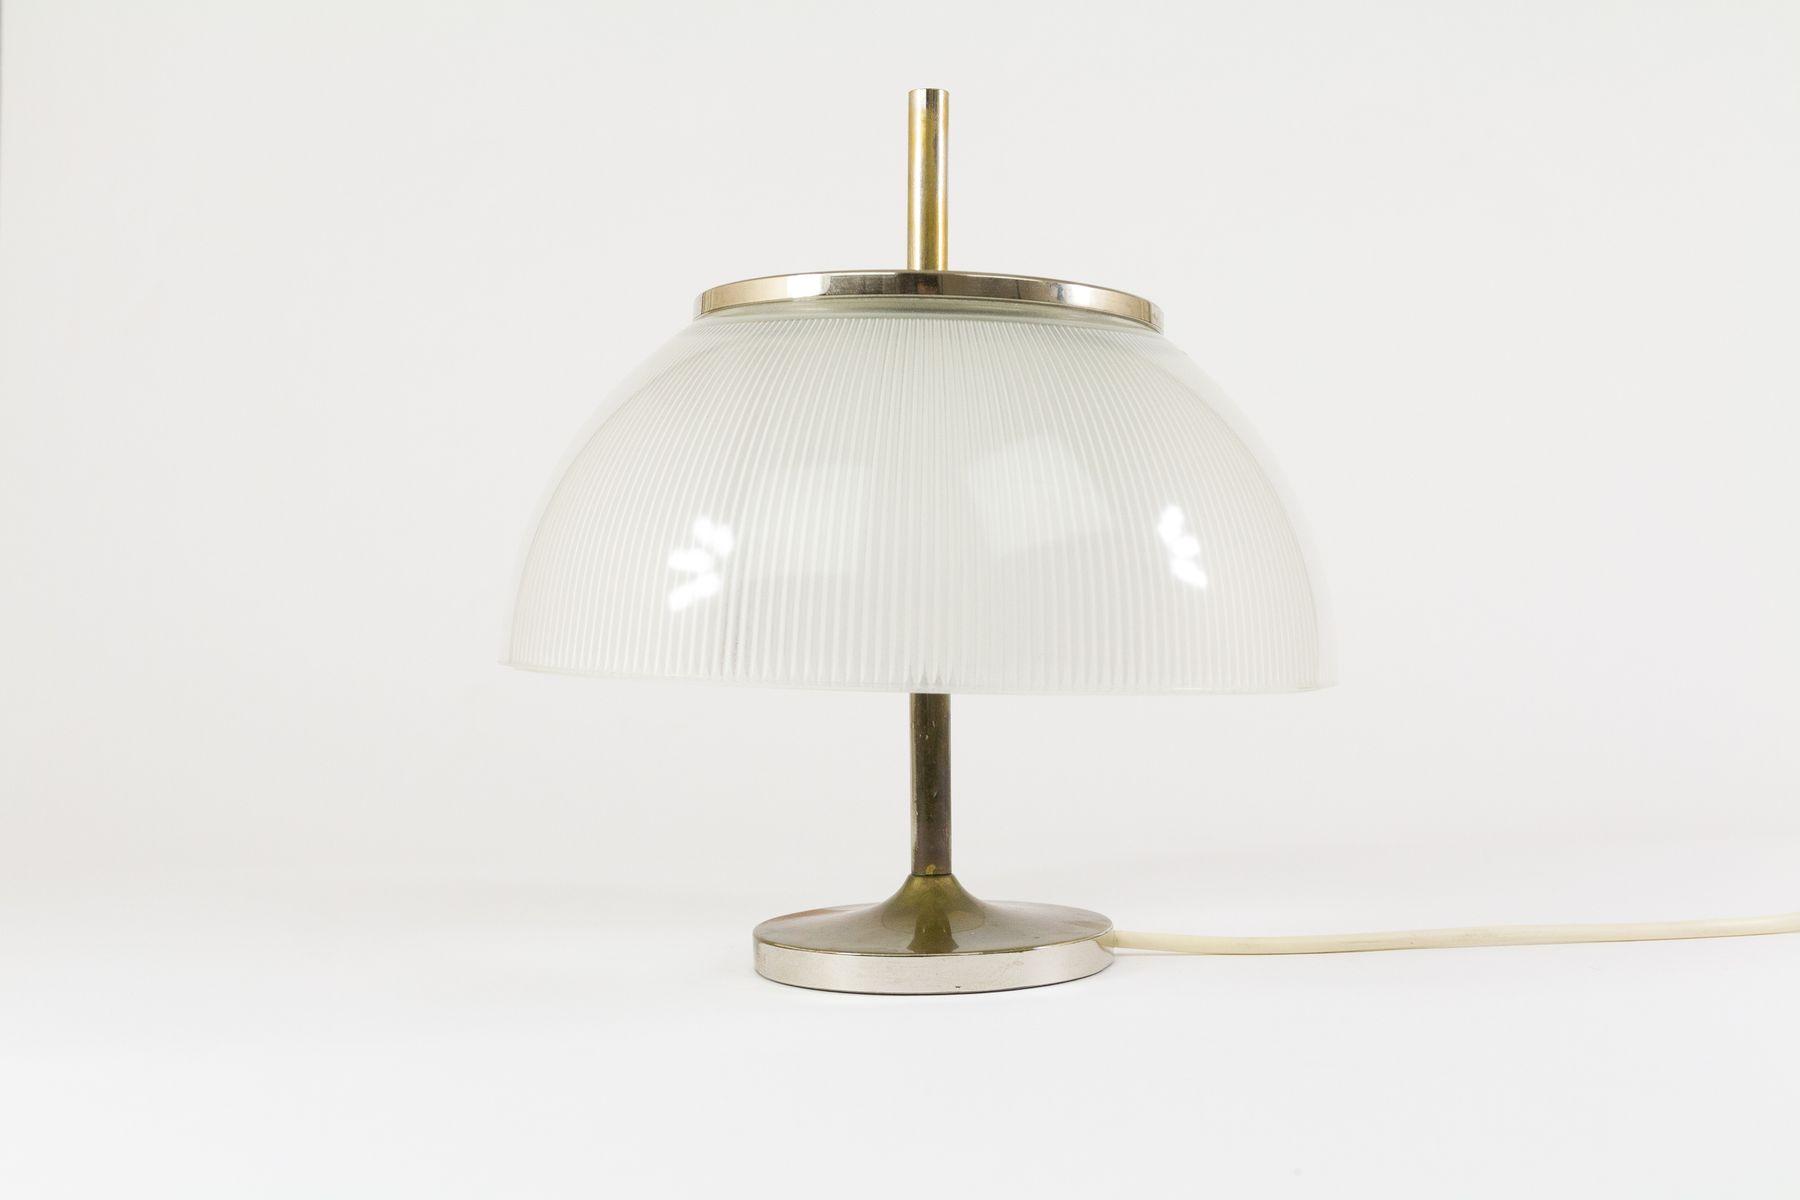 Metall und Glas Alfetta Tischlampe von Sergio Mazza für Artemide, 1960...